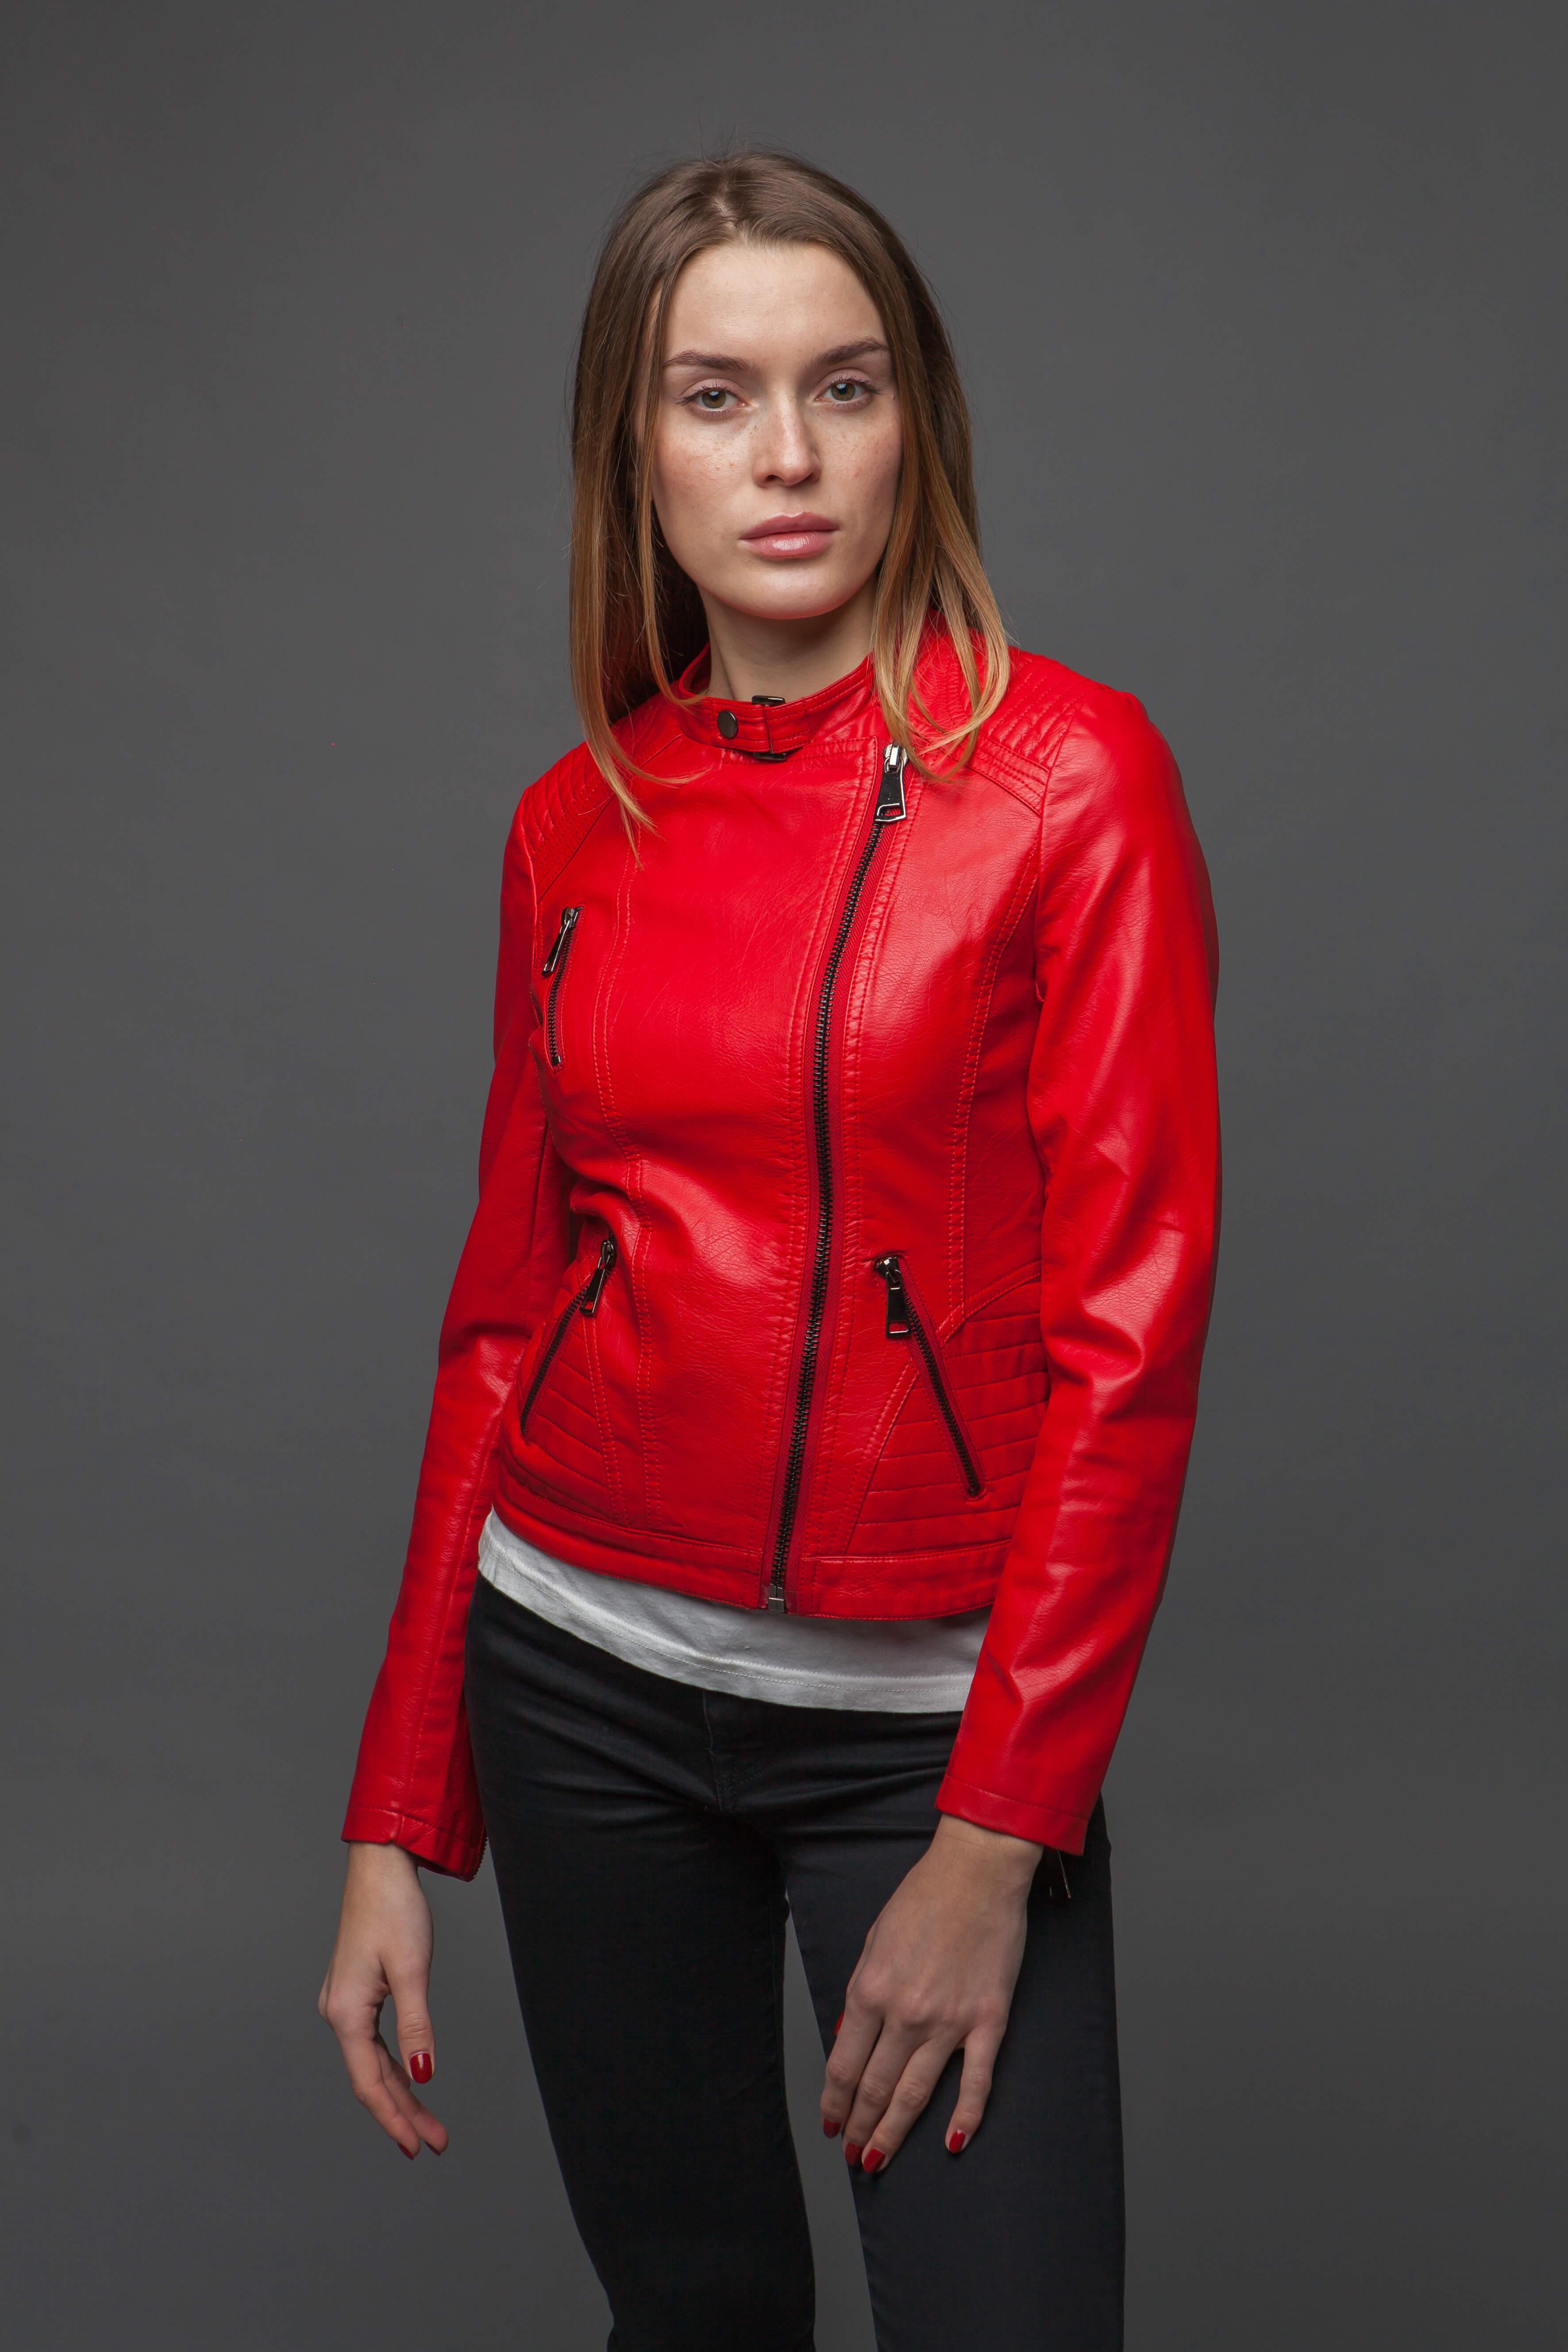 Лаконичная приталенная красная куртка. Фото 4